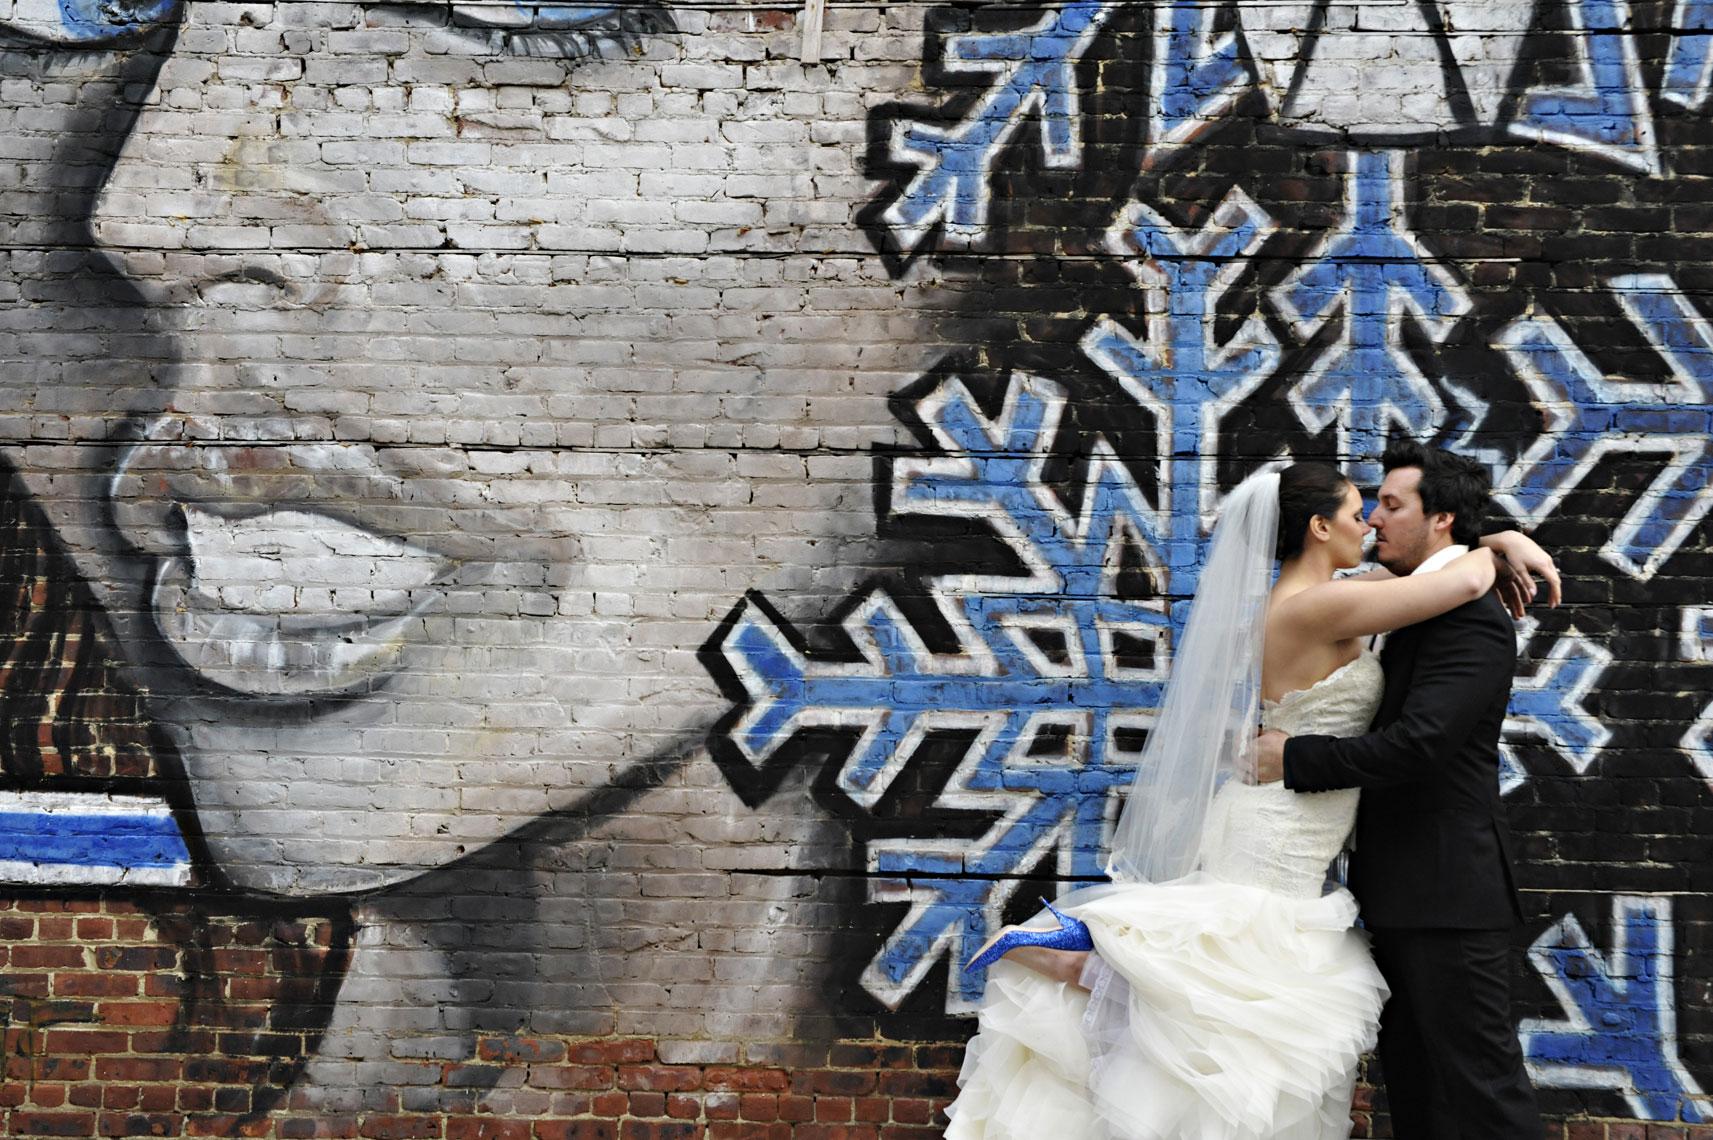 berkeleyoceanfrontwedding-043